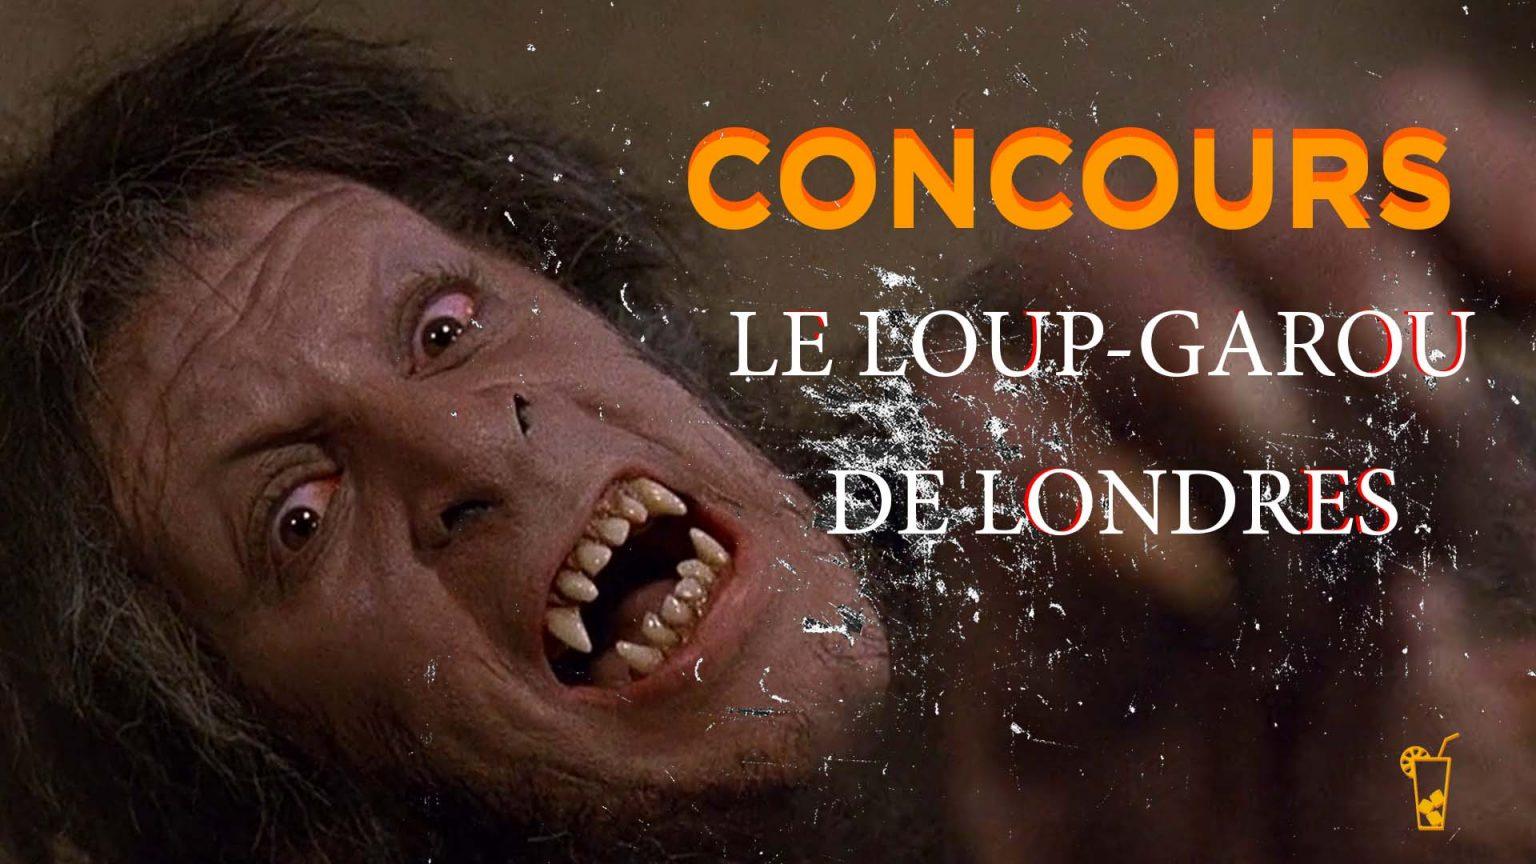 CONCOURS SOUL